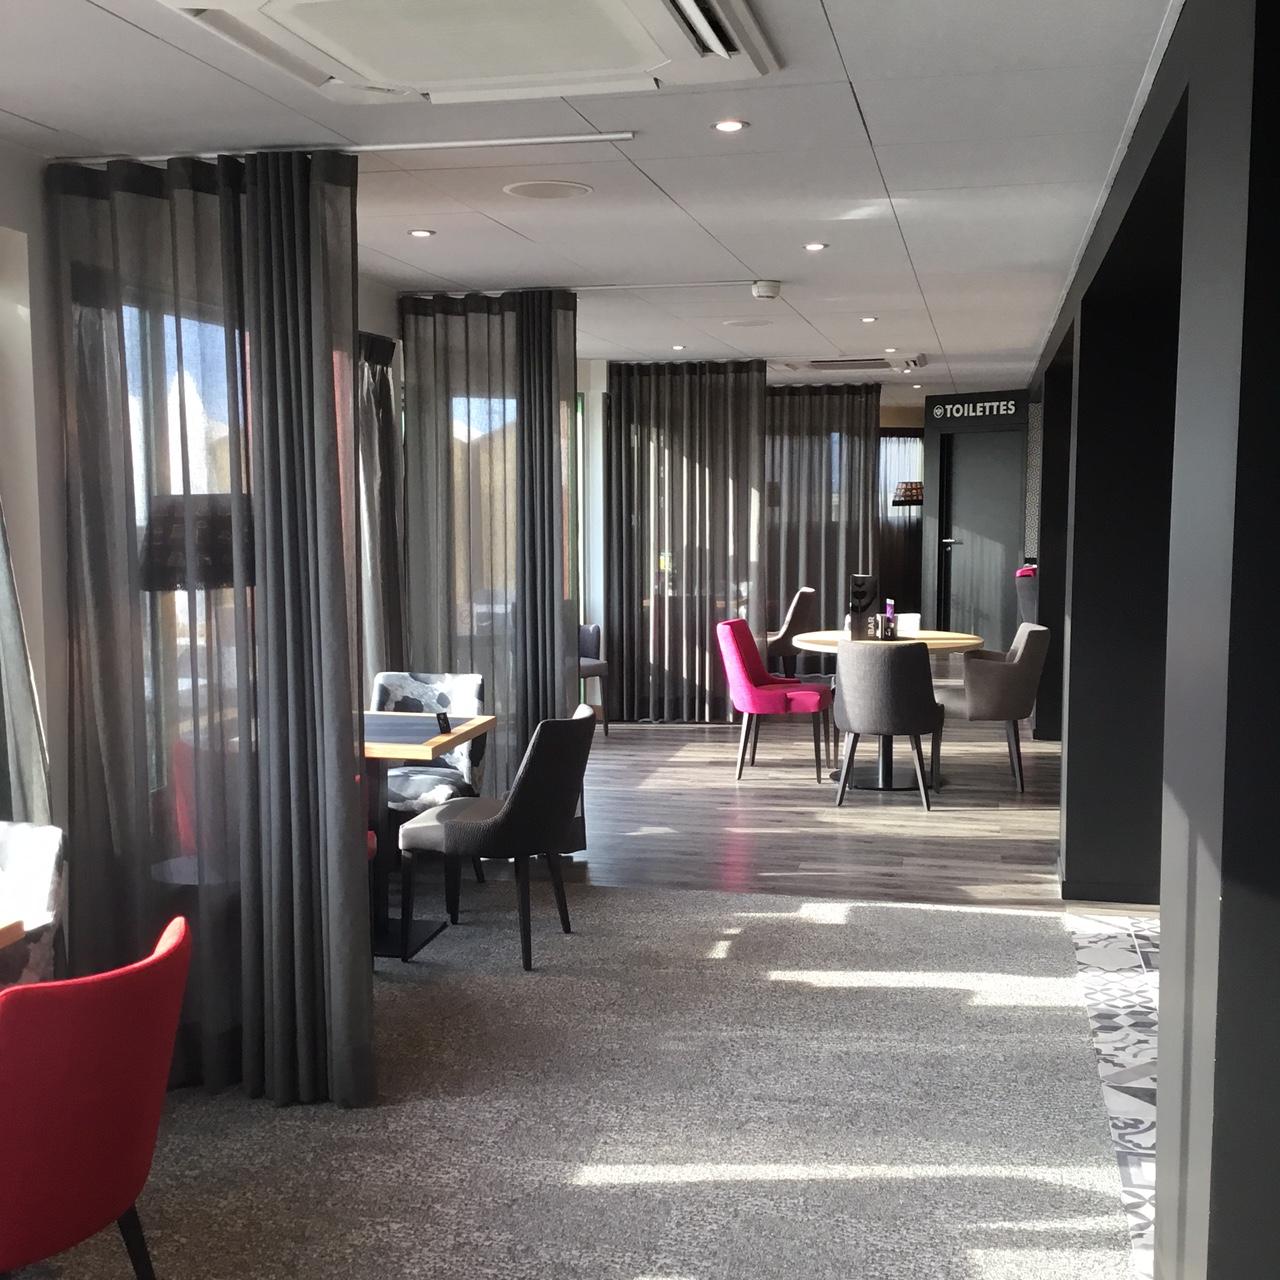 Casino Joa St pair sur mer - Studio Divo - Architecture d'intérieur